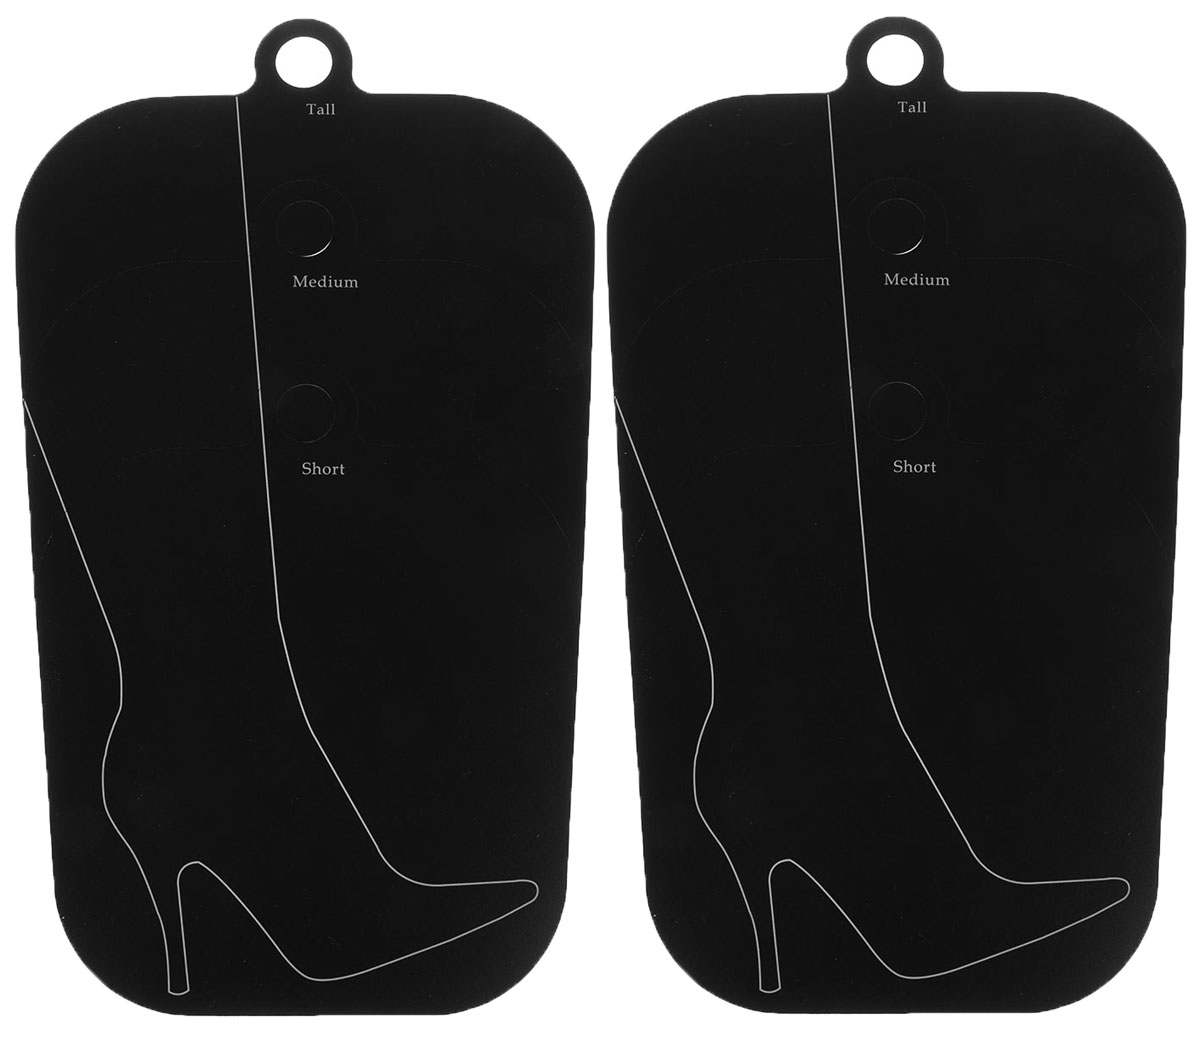 Поддерживающий вкладыш Handy Home, цвет: черный, 40,3 х 27 смIRK-503Поддерживающий вкладыш для обуви Handy Home используются для сохранения первоначальной формы голенища. Подходят для обуви с разной длинной голенища: короткий, средний, длинный. Актуальны при хранении сапог в вертикальном состоянии, это помогает избежать появления заломов. Наличие круглой подвесной ручки позволяет при необходимости хранить сапоги в подвешенном состоянии. В комплекте 2 формодержателя.Длина держателя: 44 см